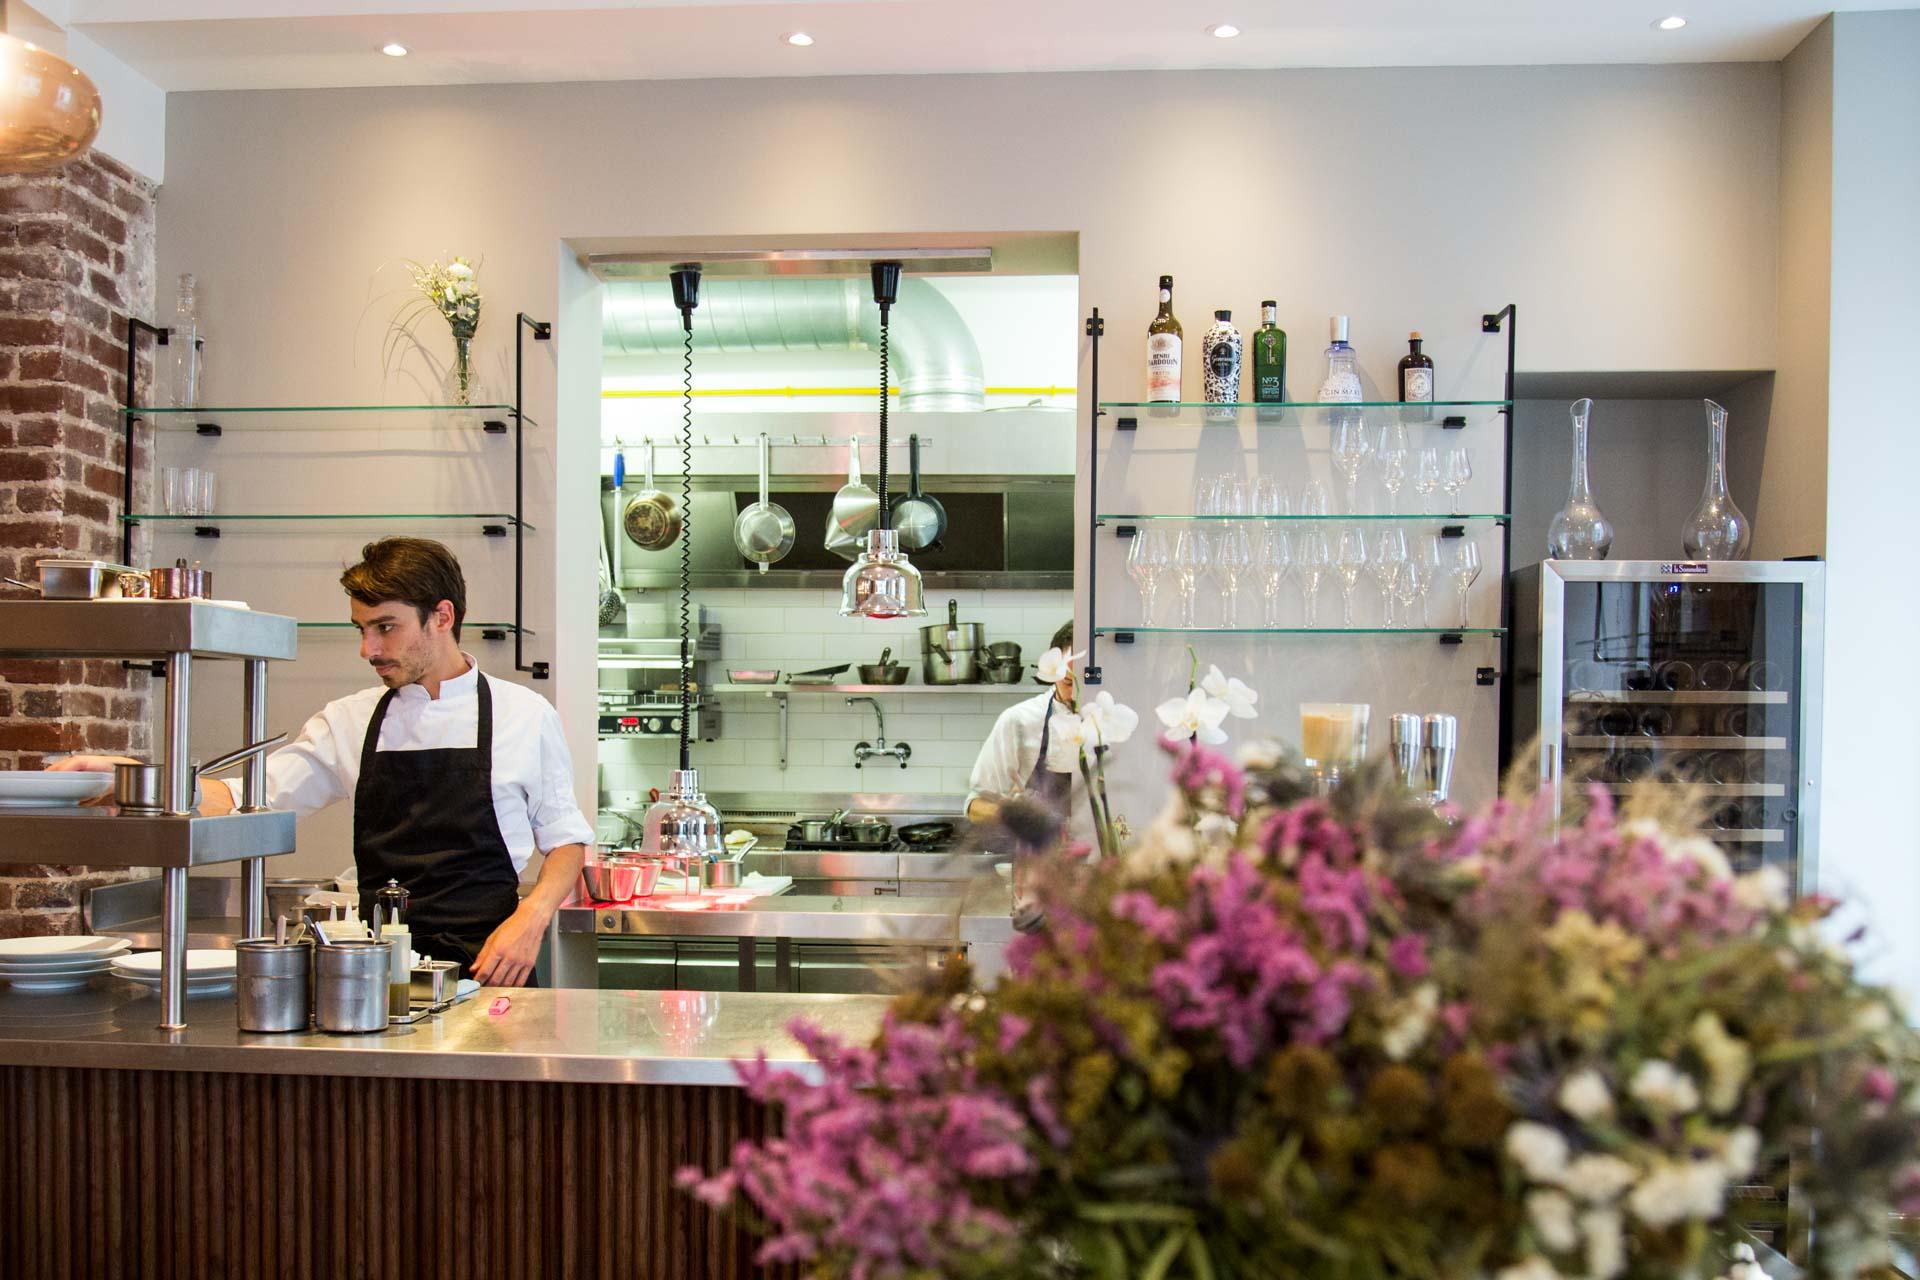 Après une rentrée marquée par quelques ouvertures estivales de très haut niveau, le début de l'automne se révèle également riche en jolies ouvertures. Le point complet sur les restaurants incontournables du moment à Paris.